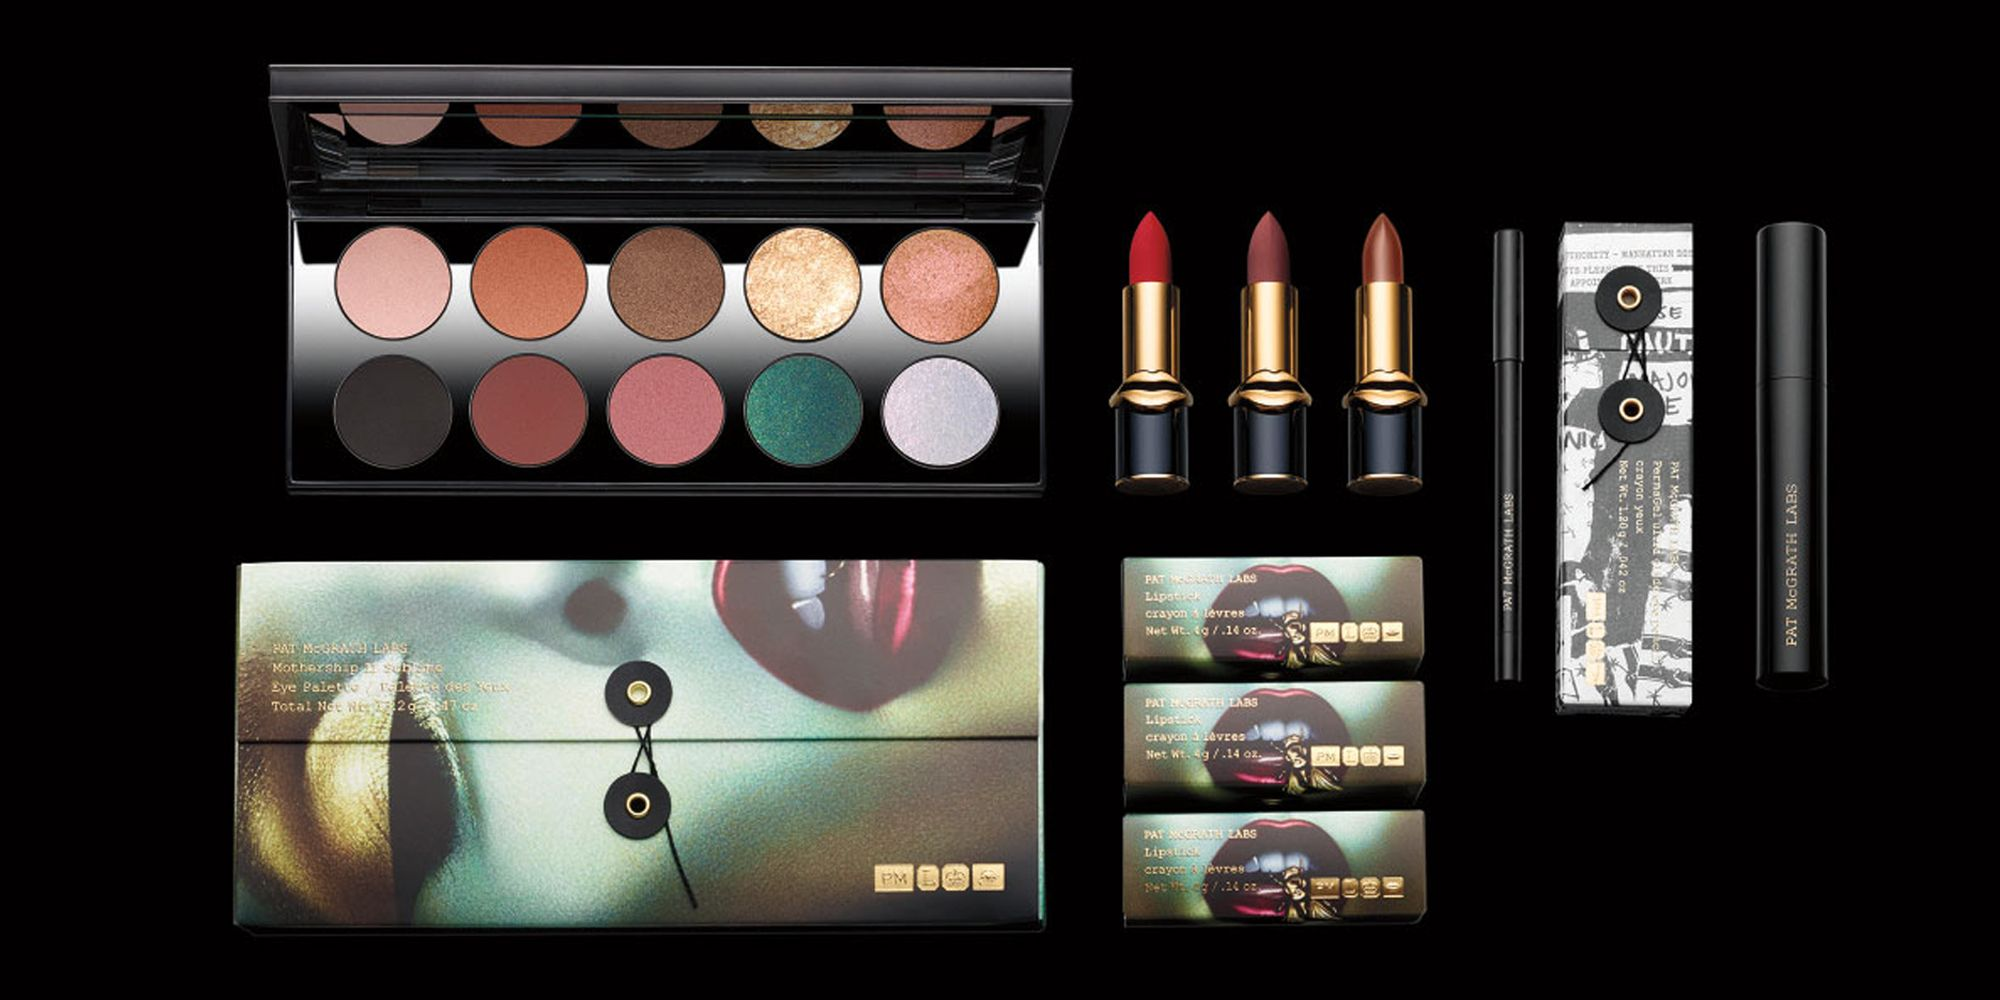 Pat McGrath Launches Permanent Makeup Collection